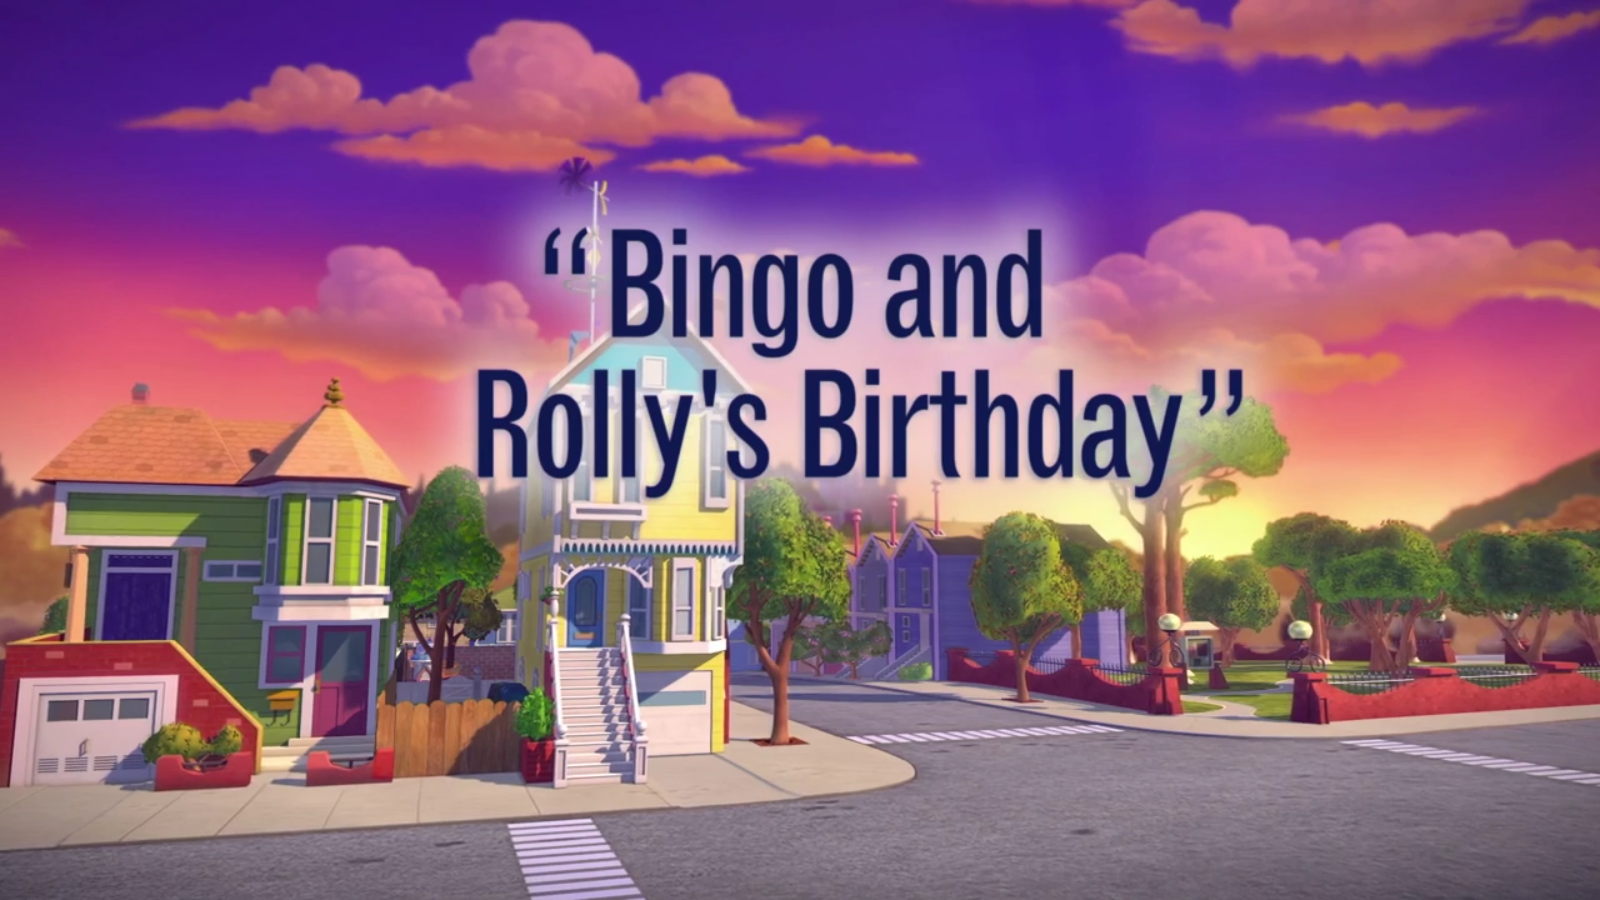 Bingo S And Rolly S Birthday Disney Wiki Fandom Powered By Wikia